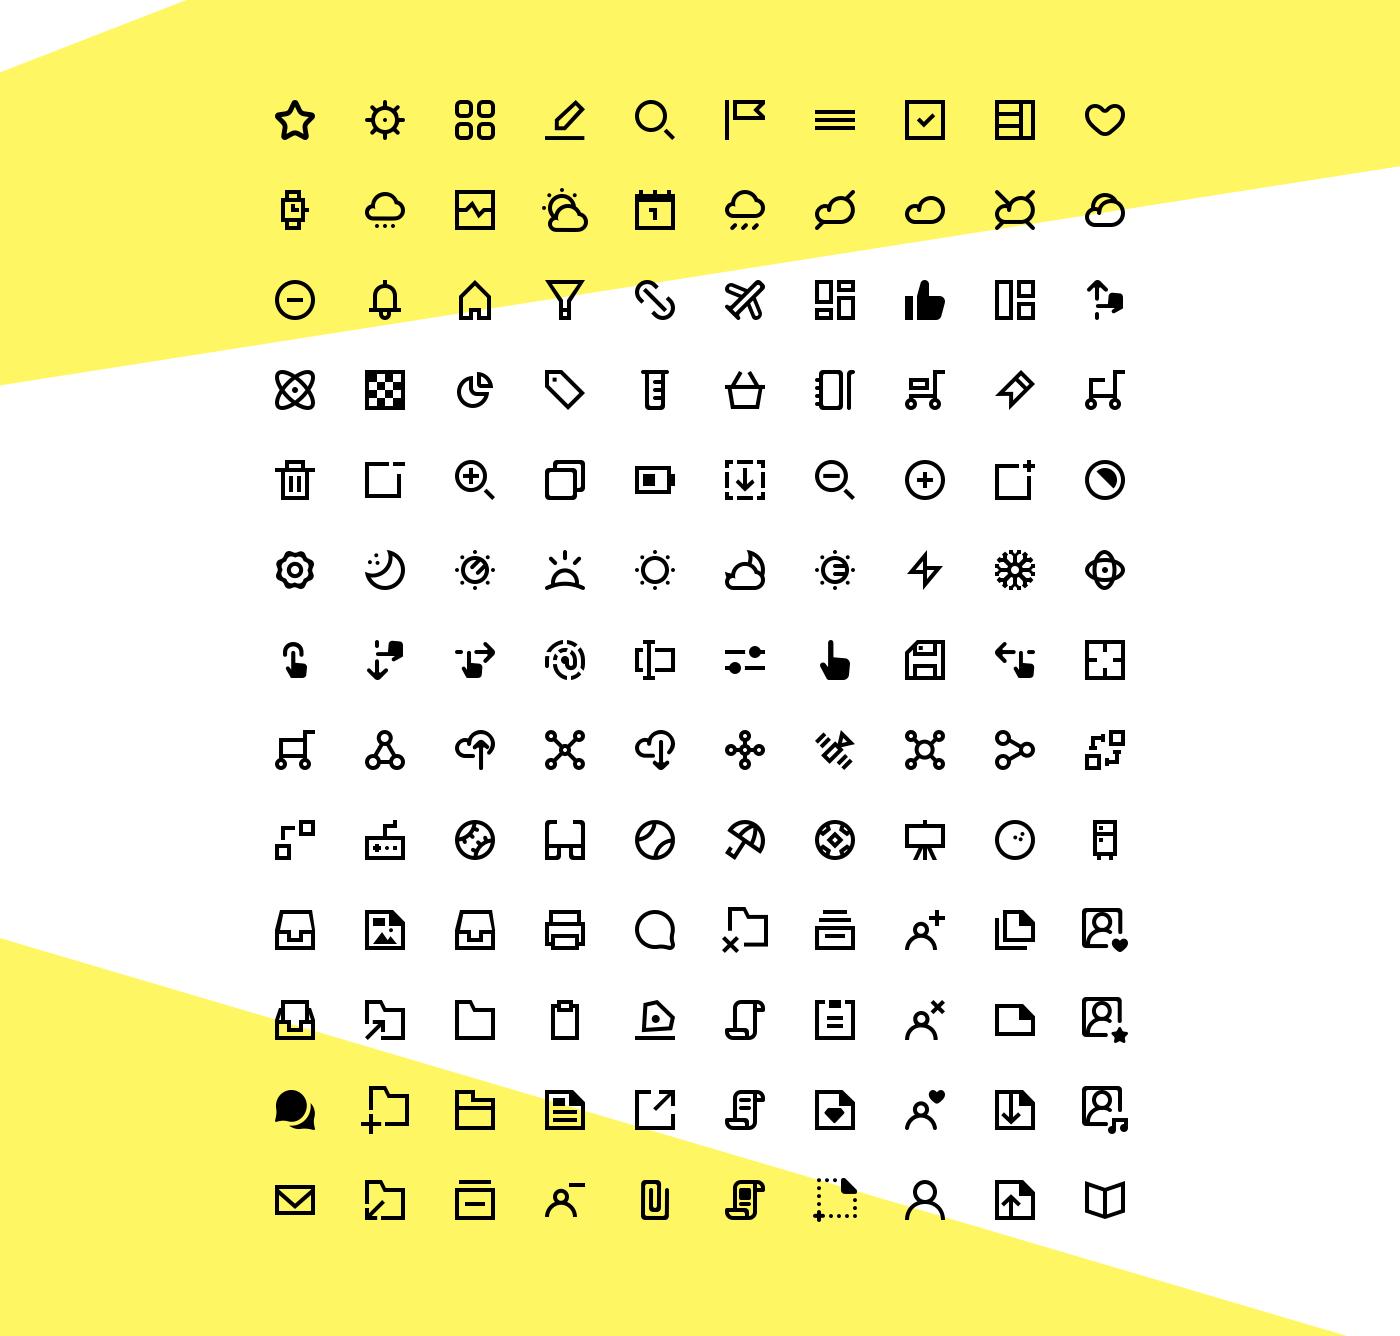 1800 icones minimalistas para download gratis designe thumb